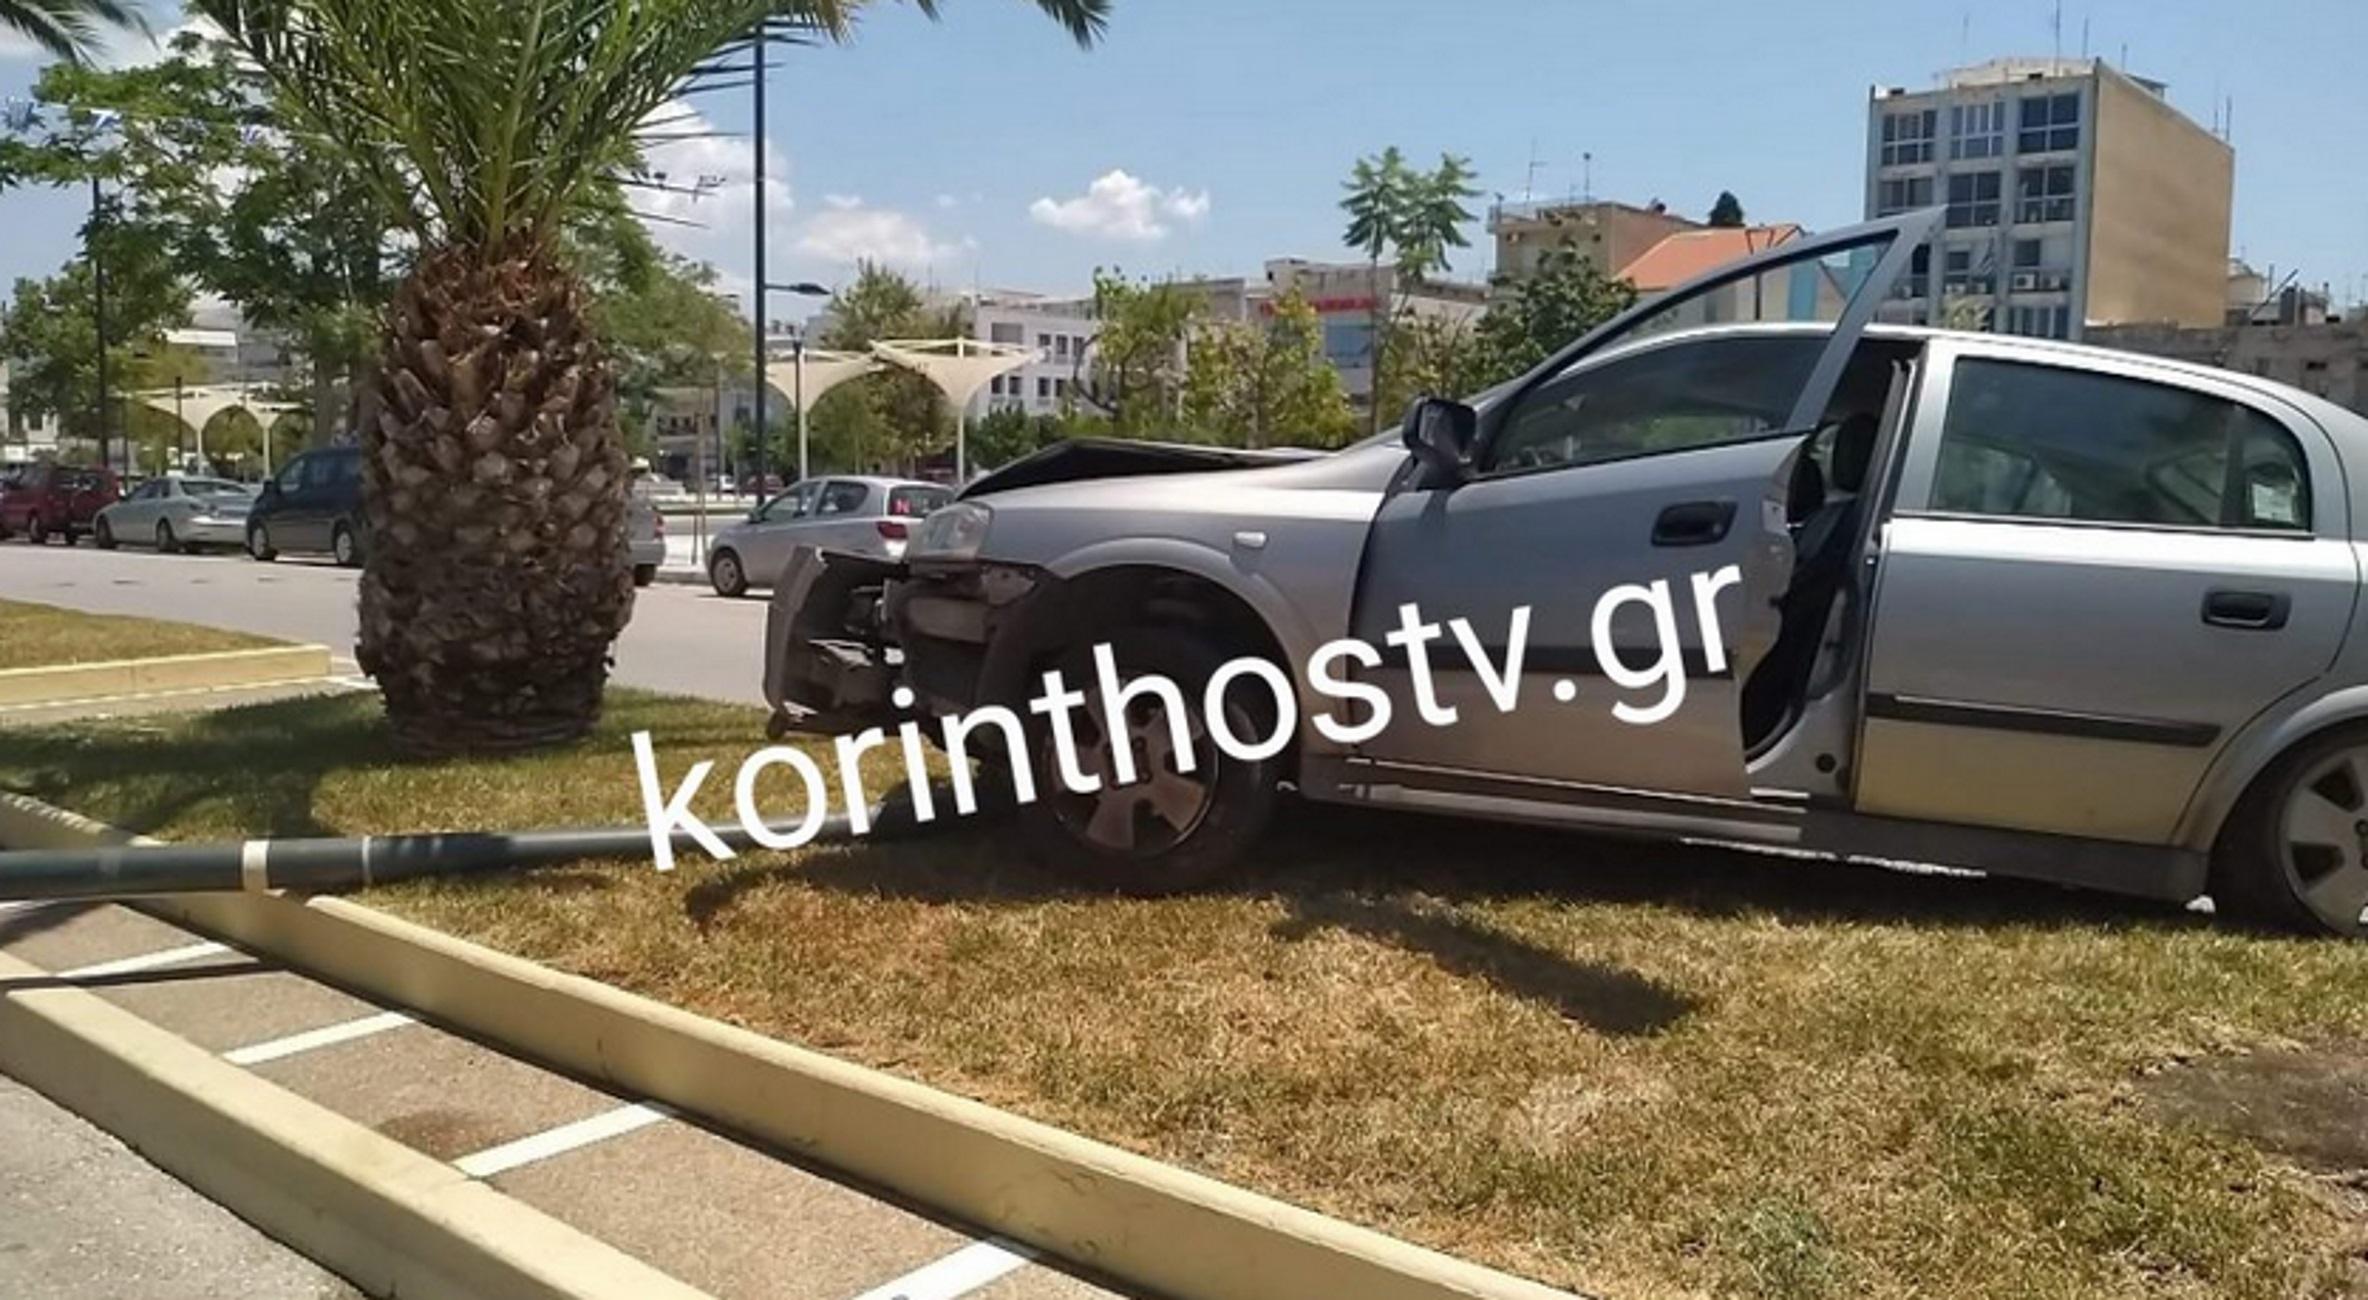 Κόρινθος: Προσπάθησε να αποφύγει αυτοκίνητο και κατέληξε πάνω στη διαχωριστική νησίδα